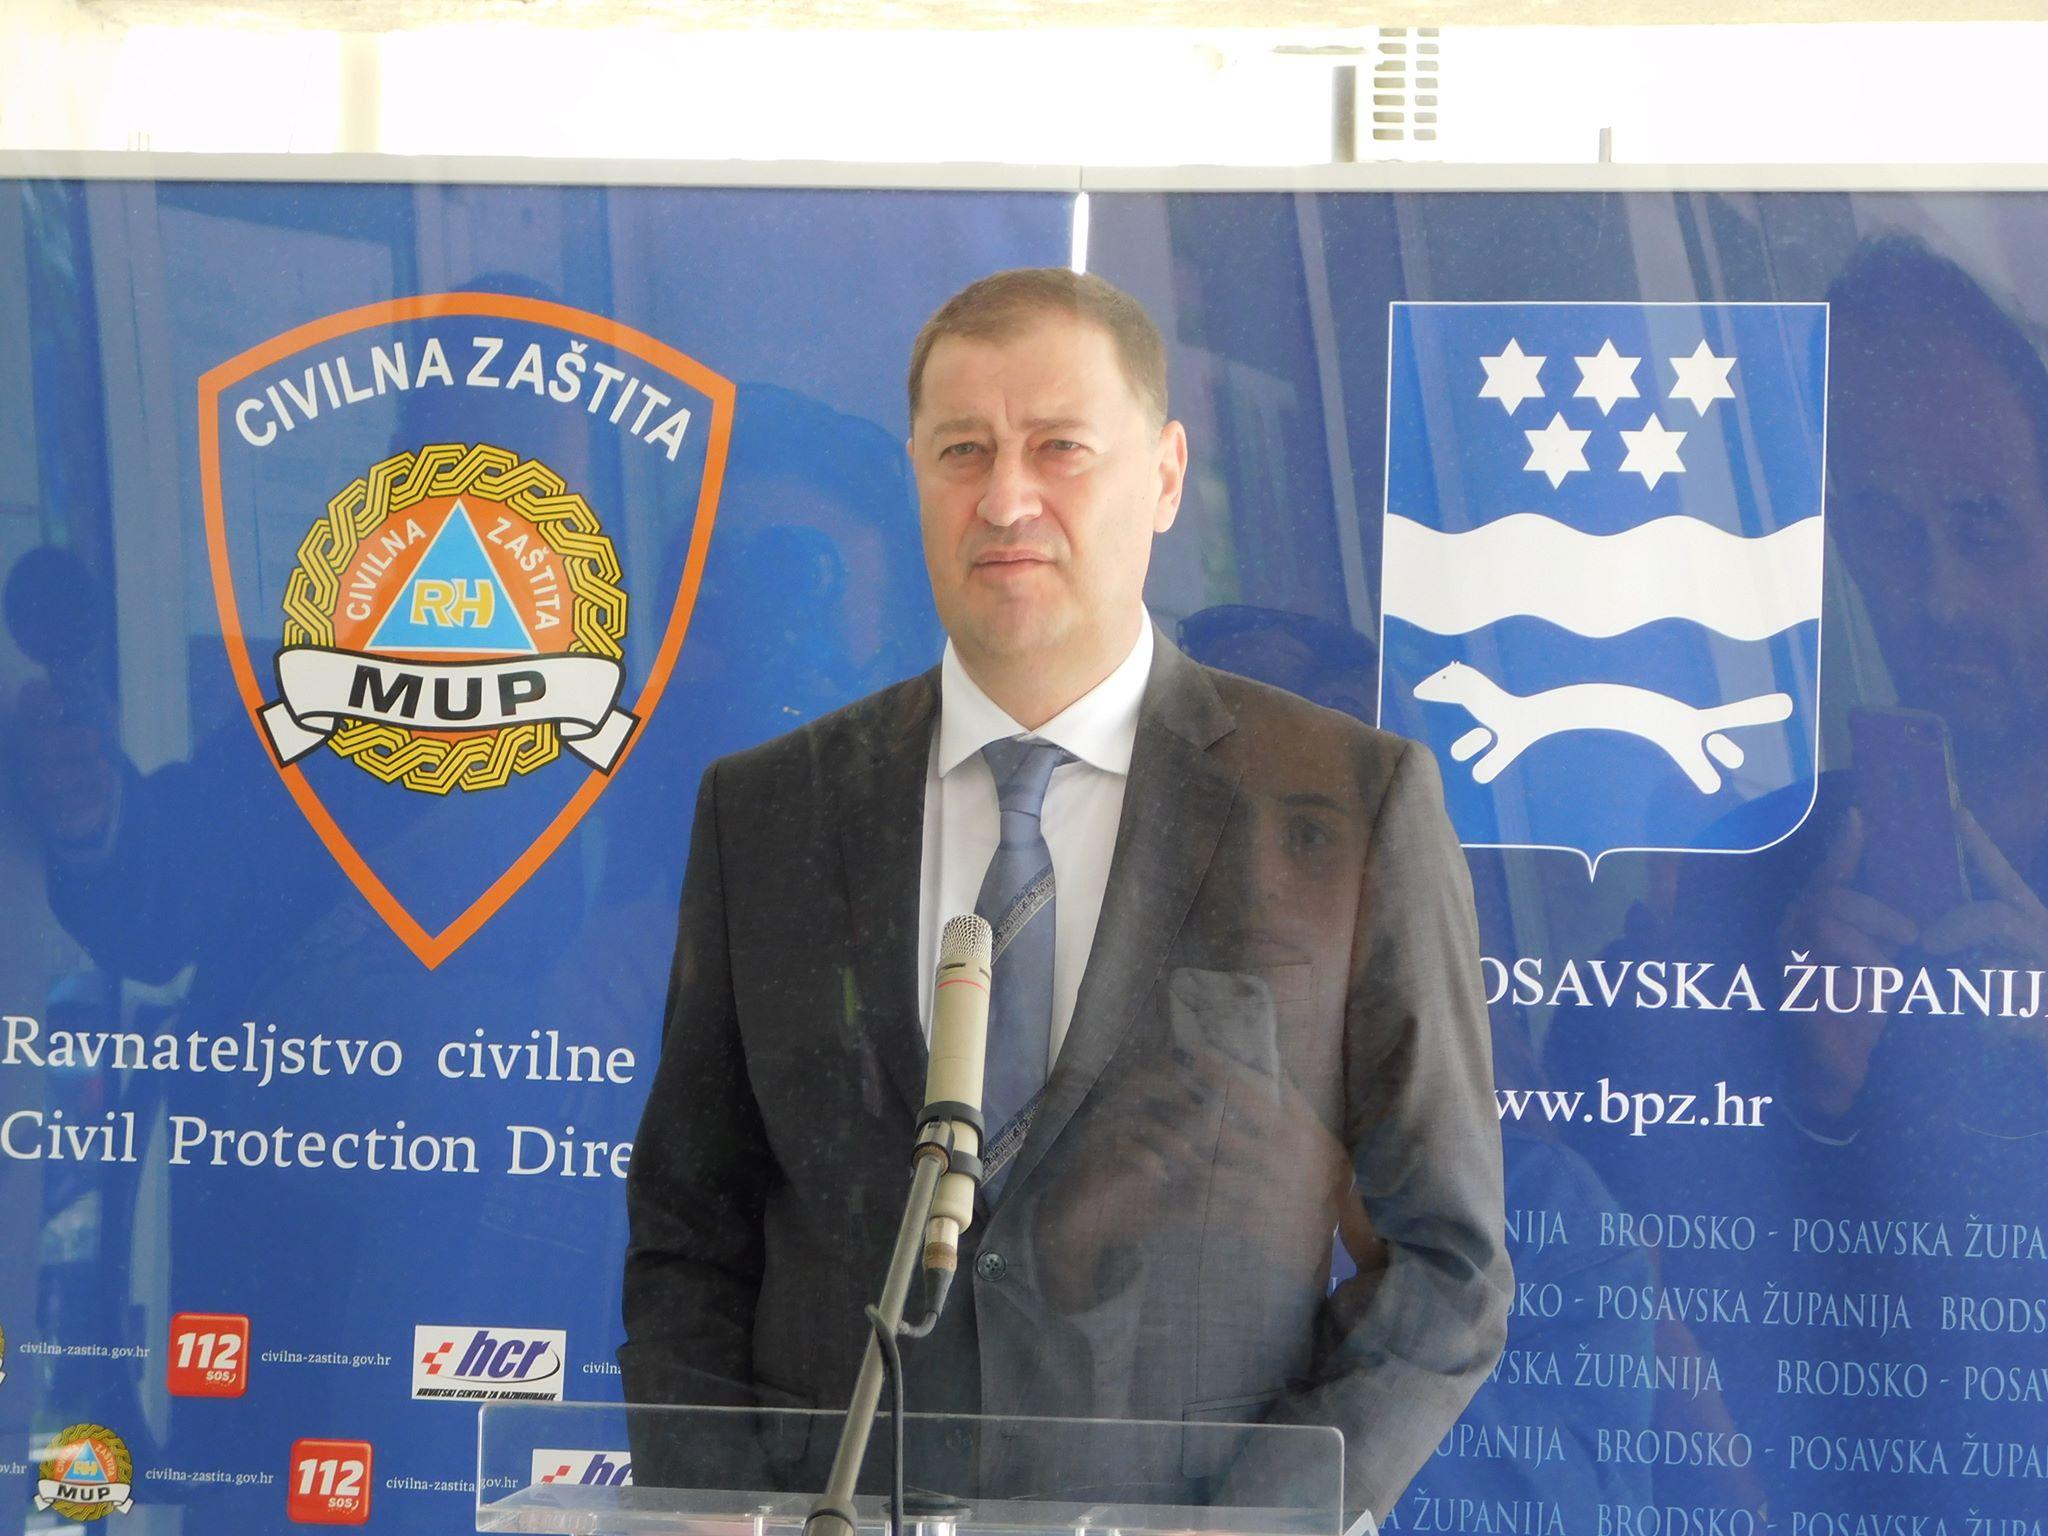 U posljednja 24 sata na području Brodsko-posavske županije potvrđena 2 nova slučaja zaraze koronavirusom